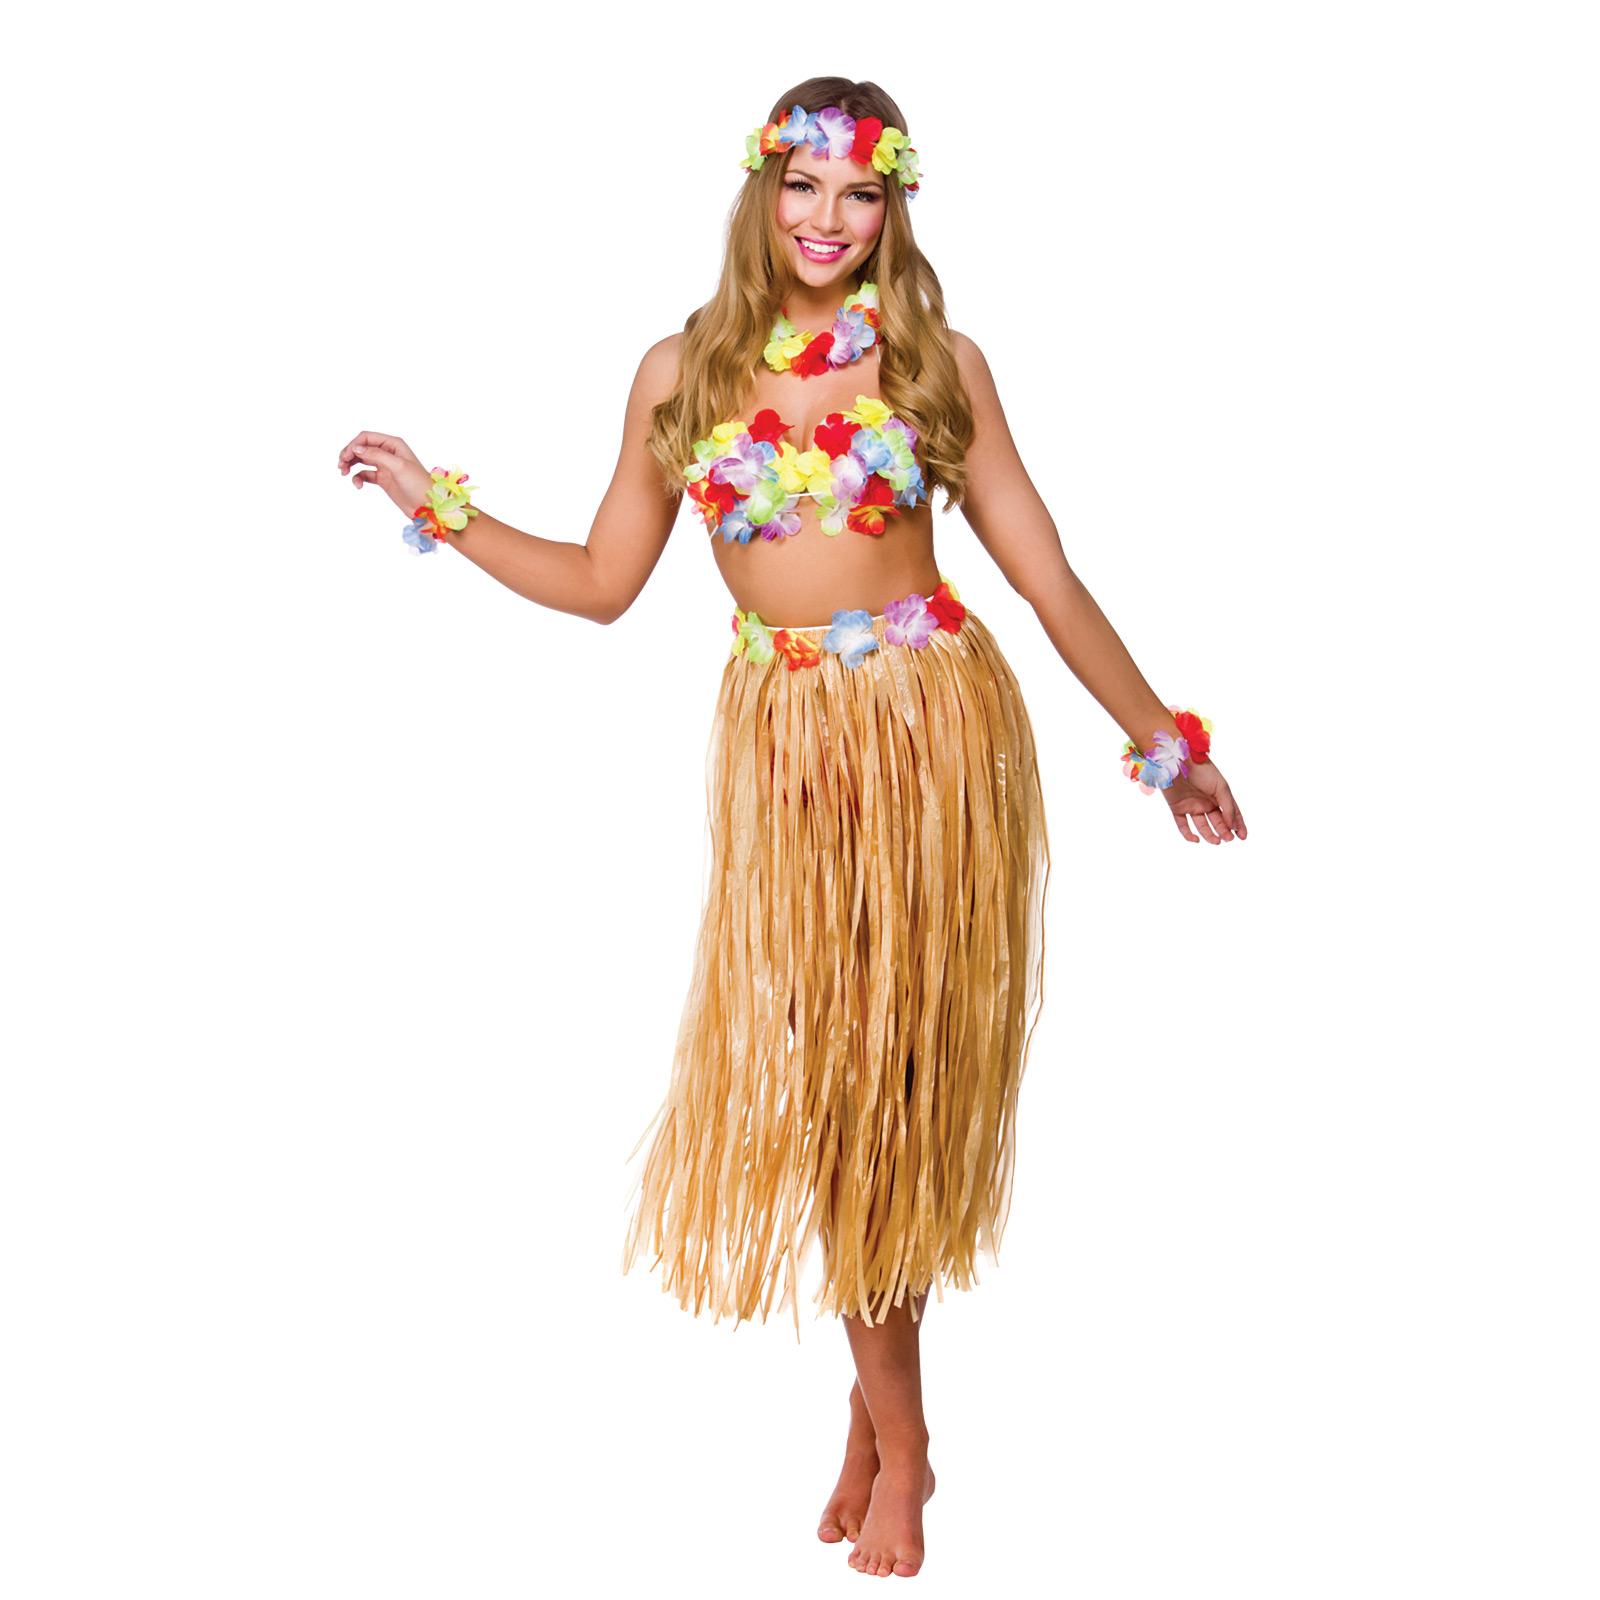 над которым костюм для гавайской вечеринки фото роскошный дар царицы